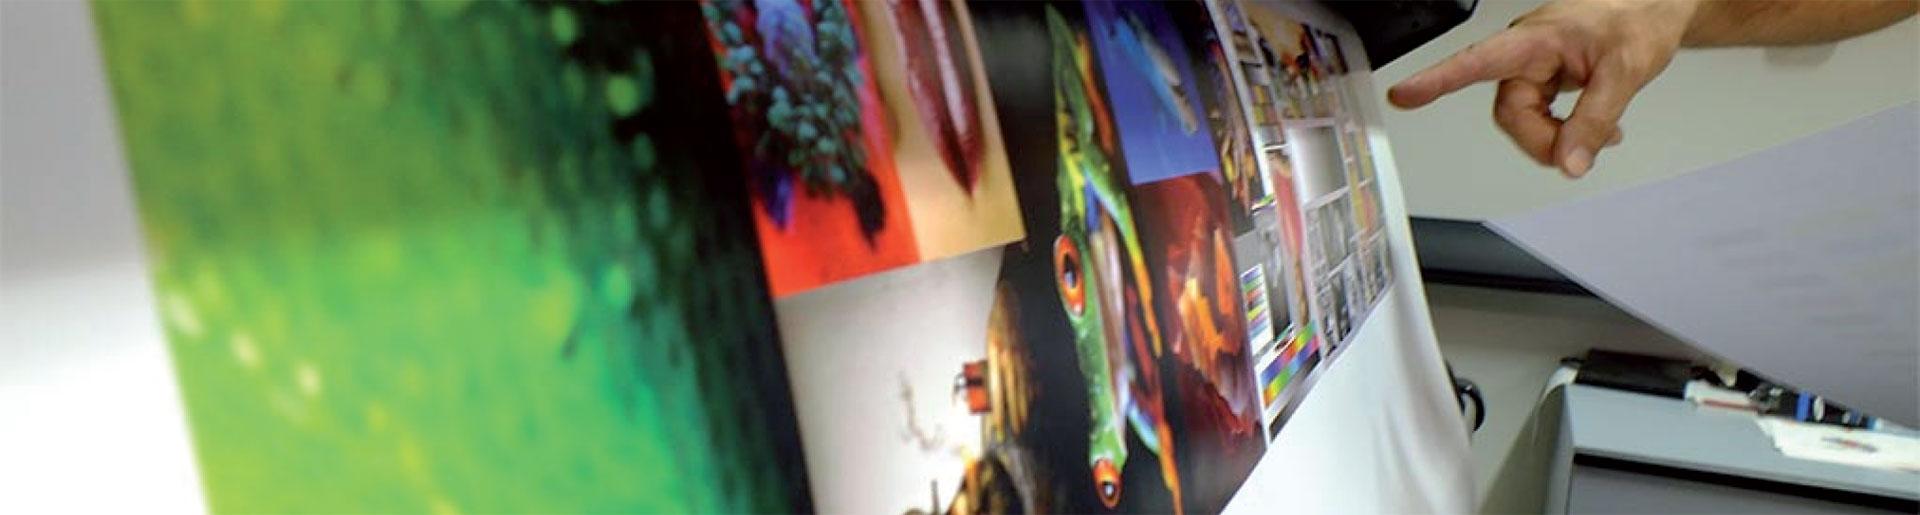 Tipografia Tirrena - Cava de' Tirreni - Salerno - Stampa digitale